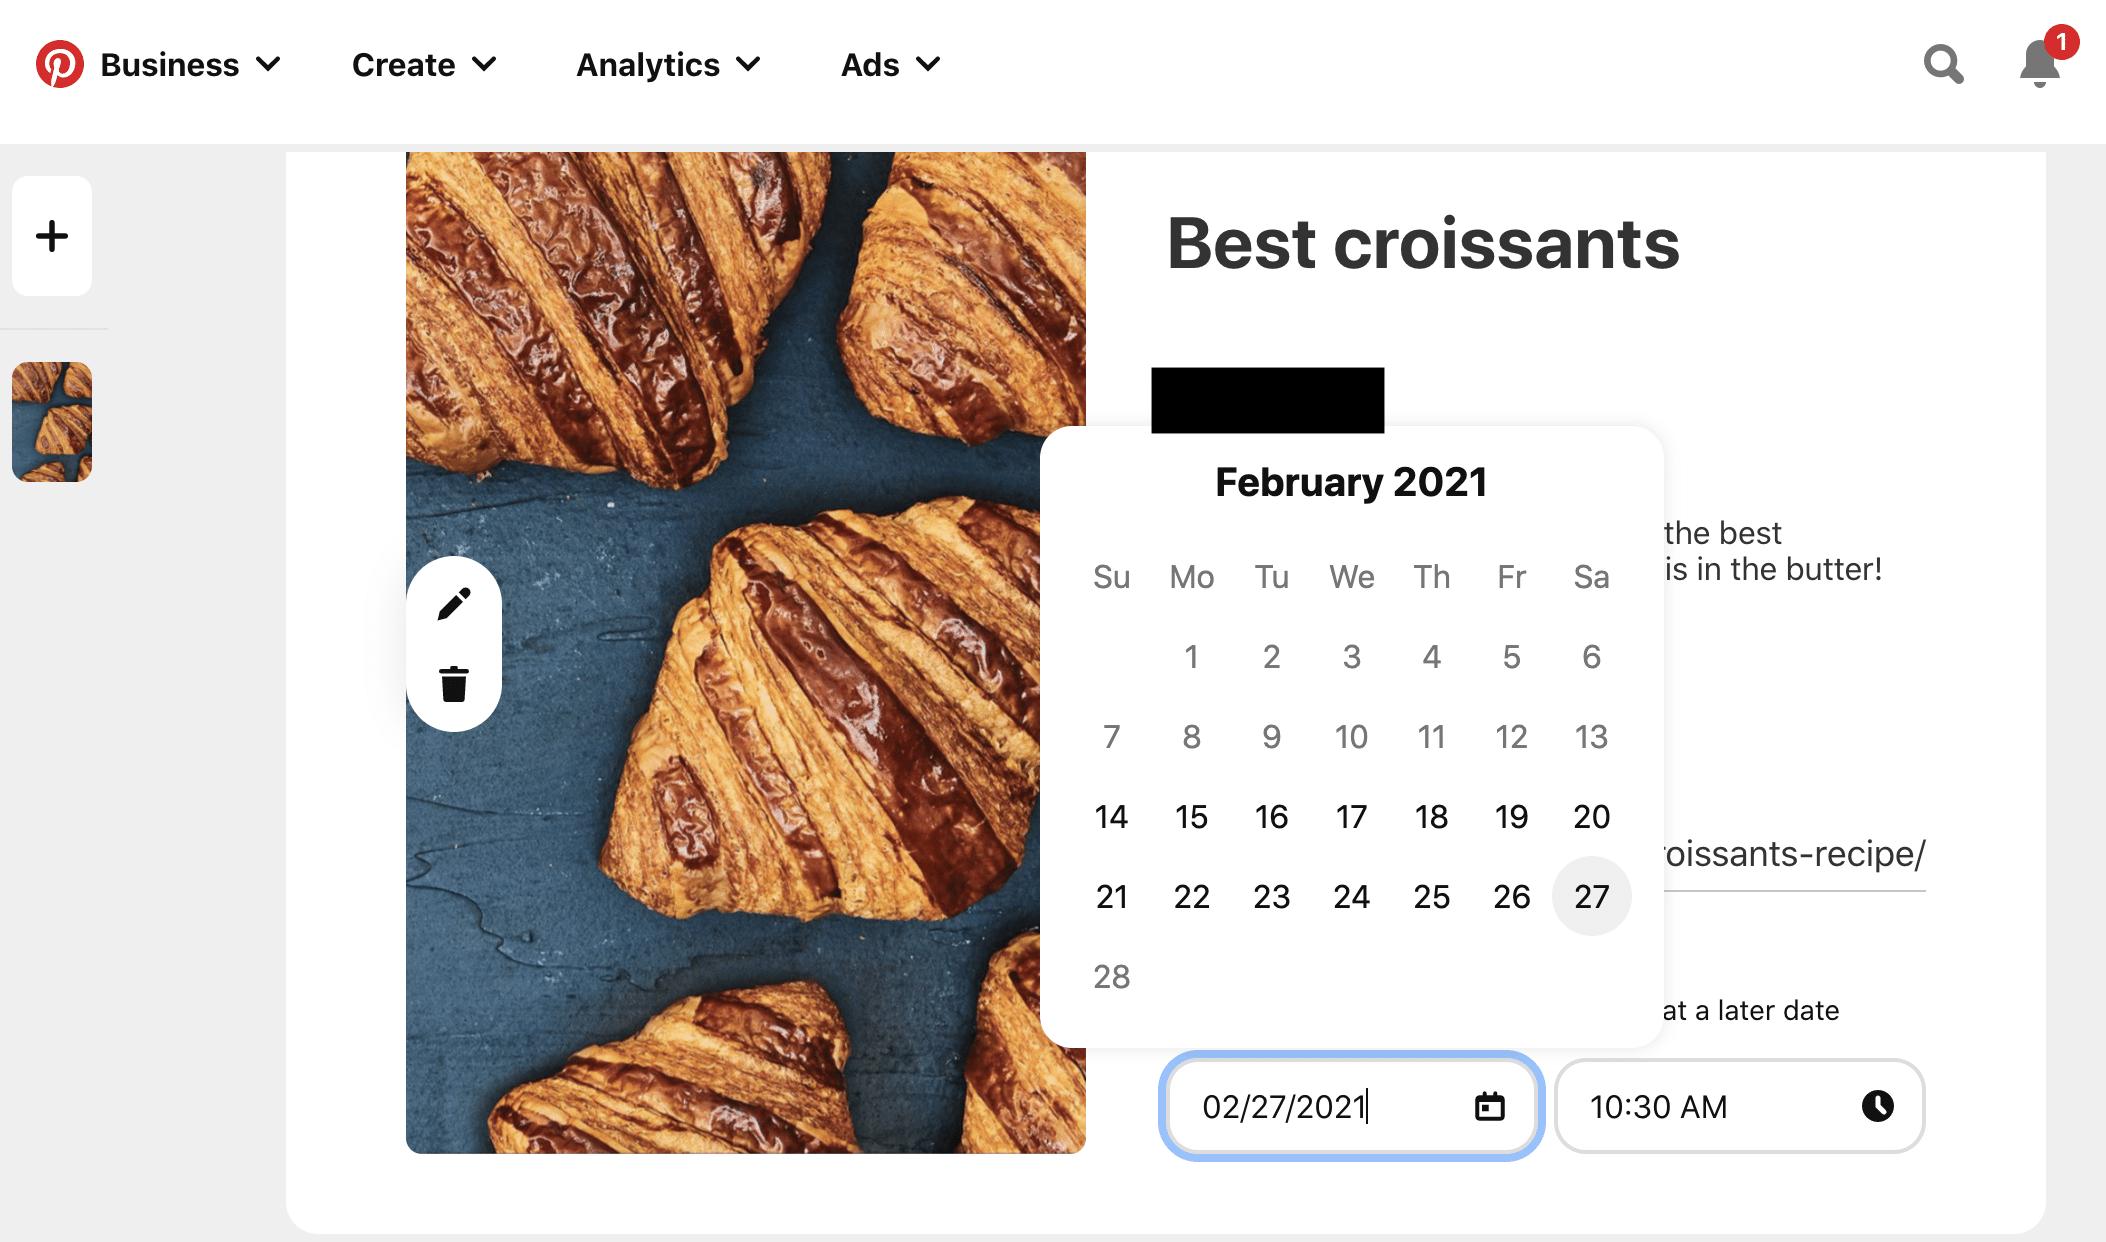 расписание лучших круассанов на февраль 2021 года